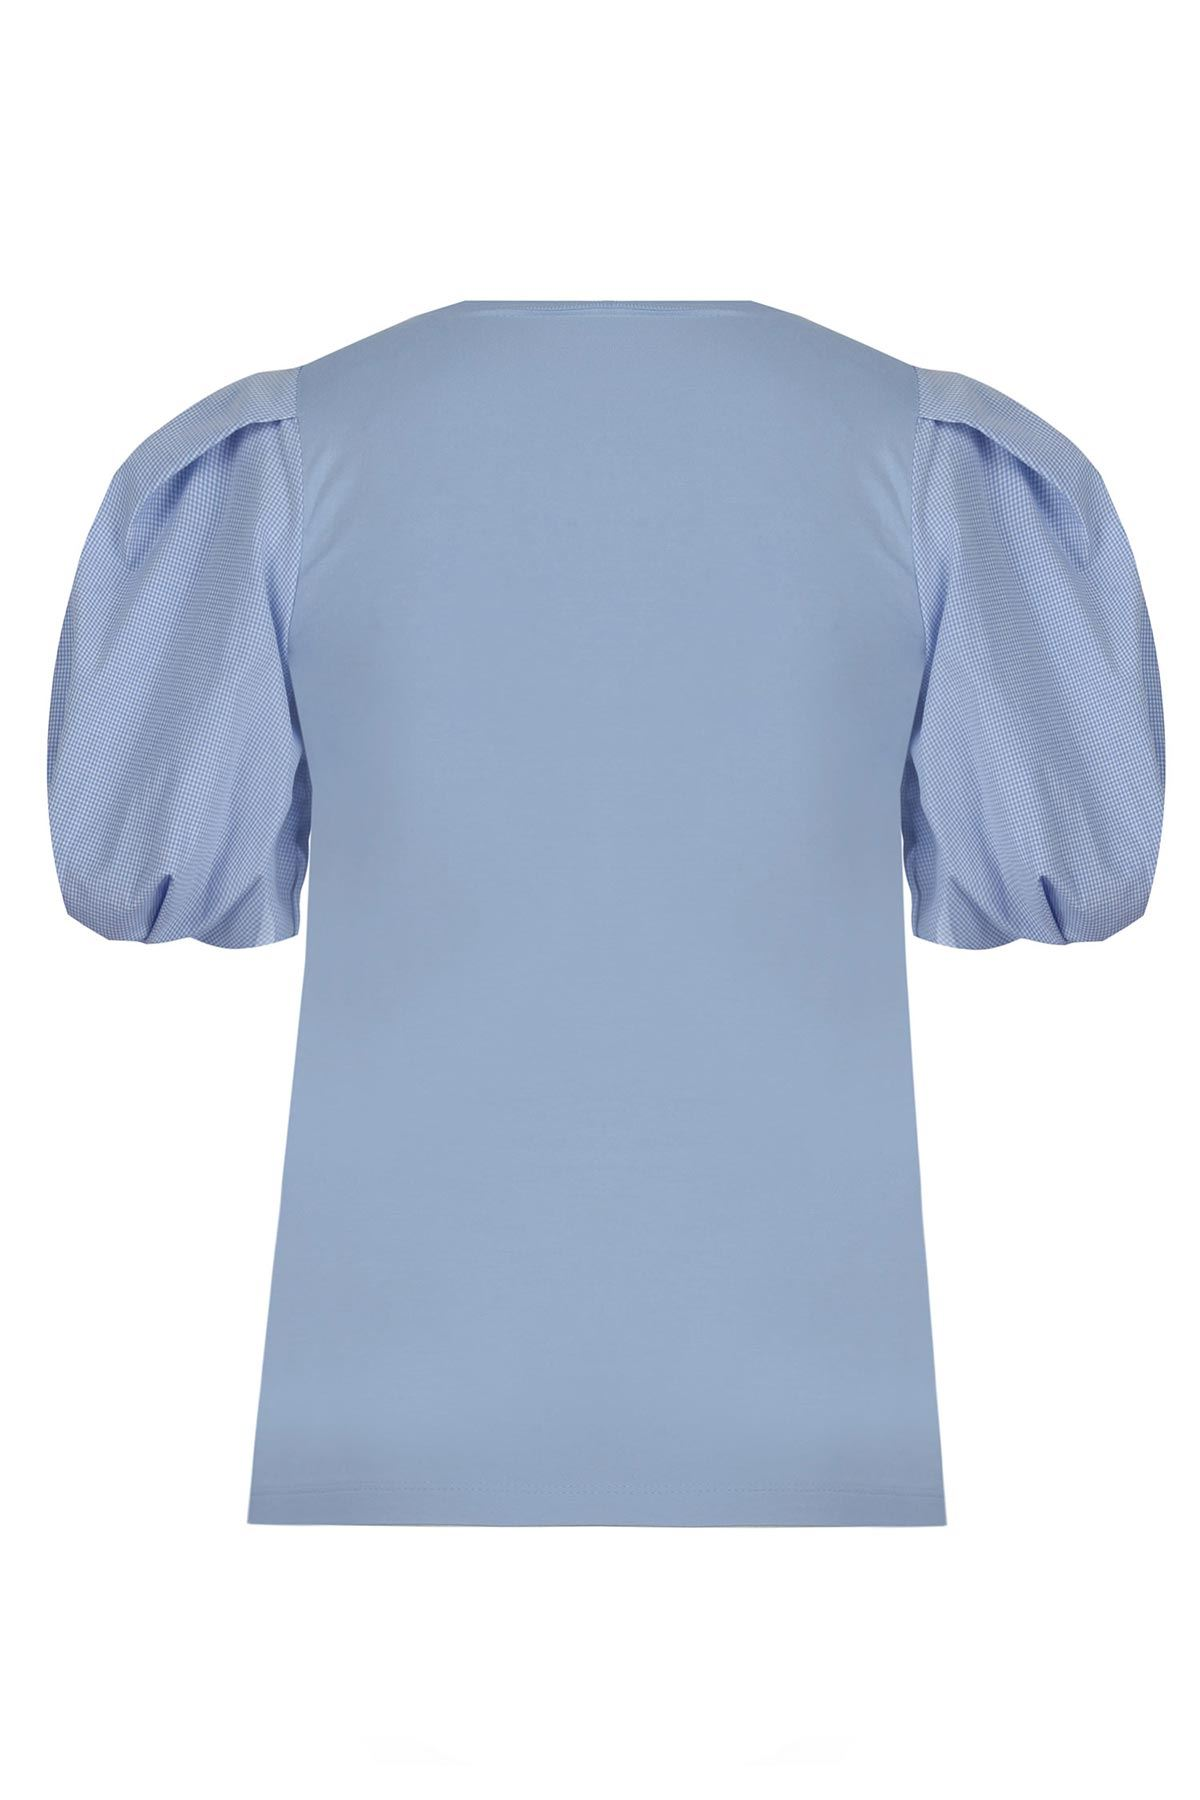 Kumaş mixli balon kol bluz Mavi